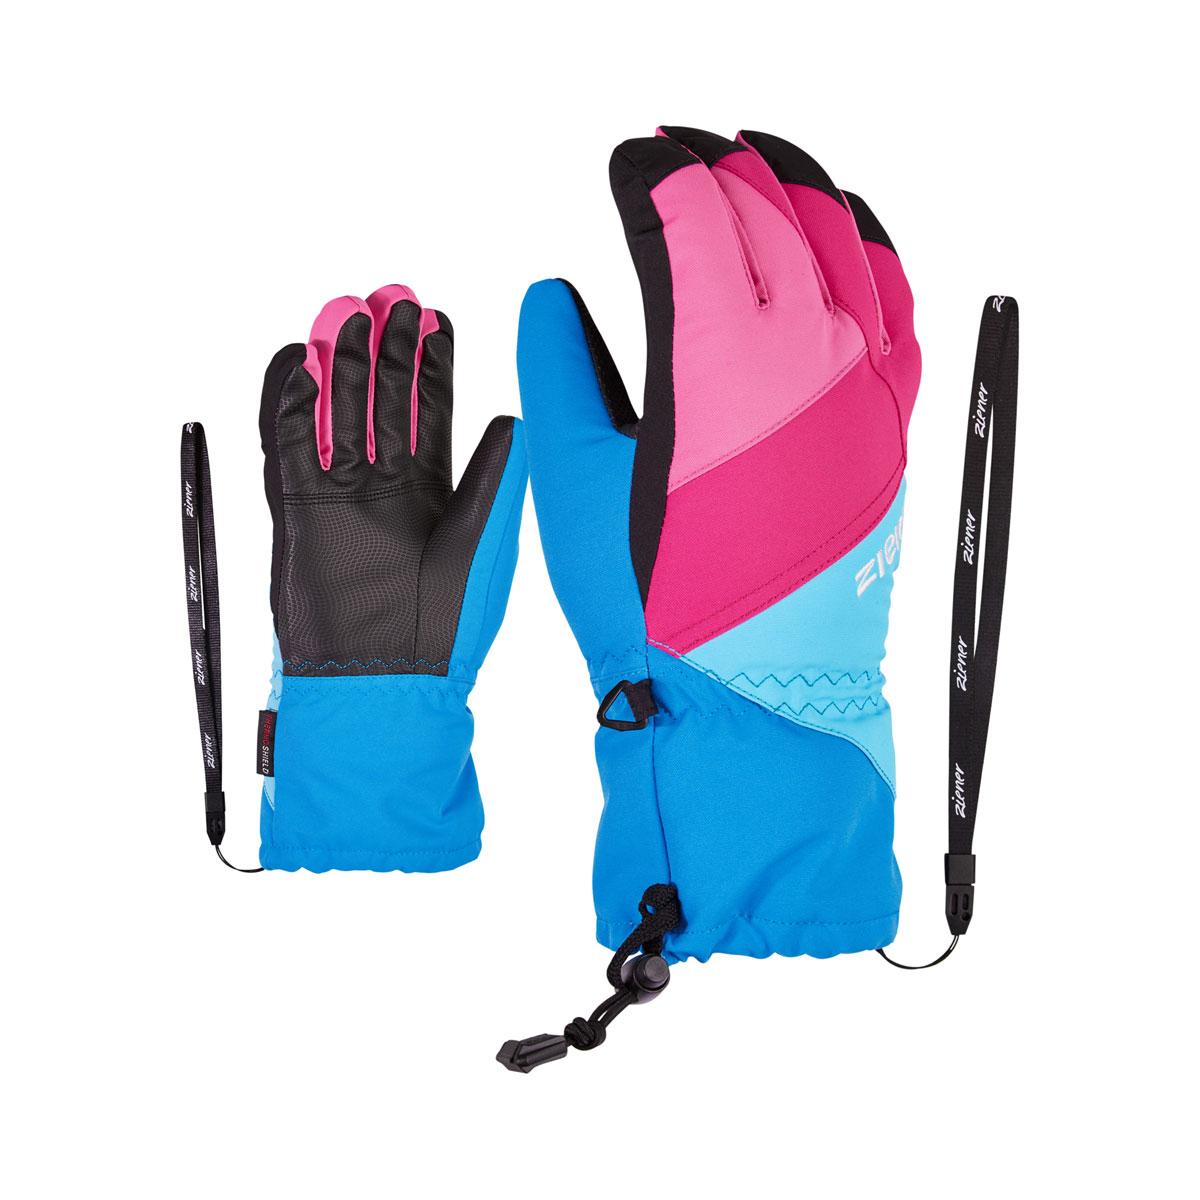 nuevo * Ziener estancos skihandschuhe ágil as R Junior guante Ziener